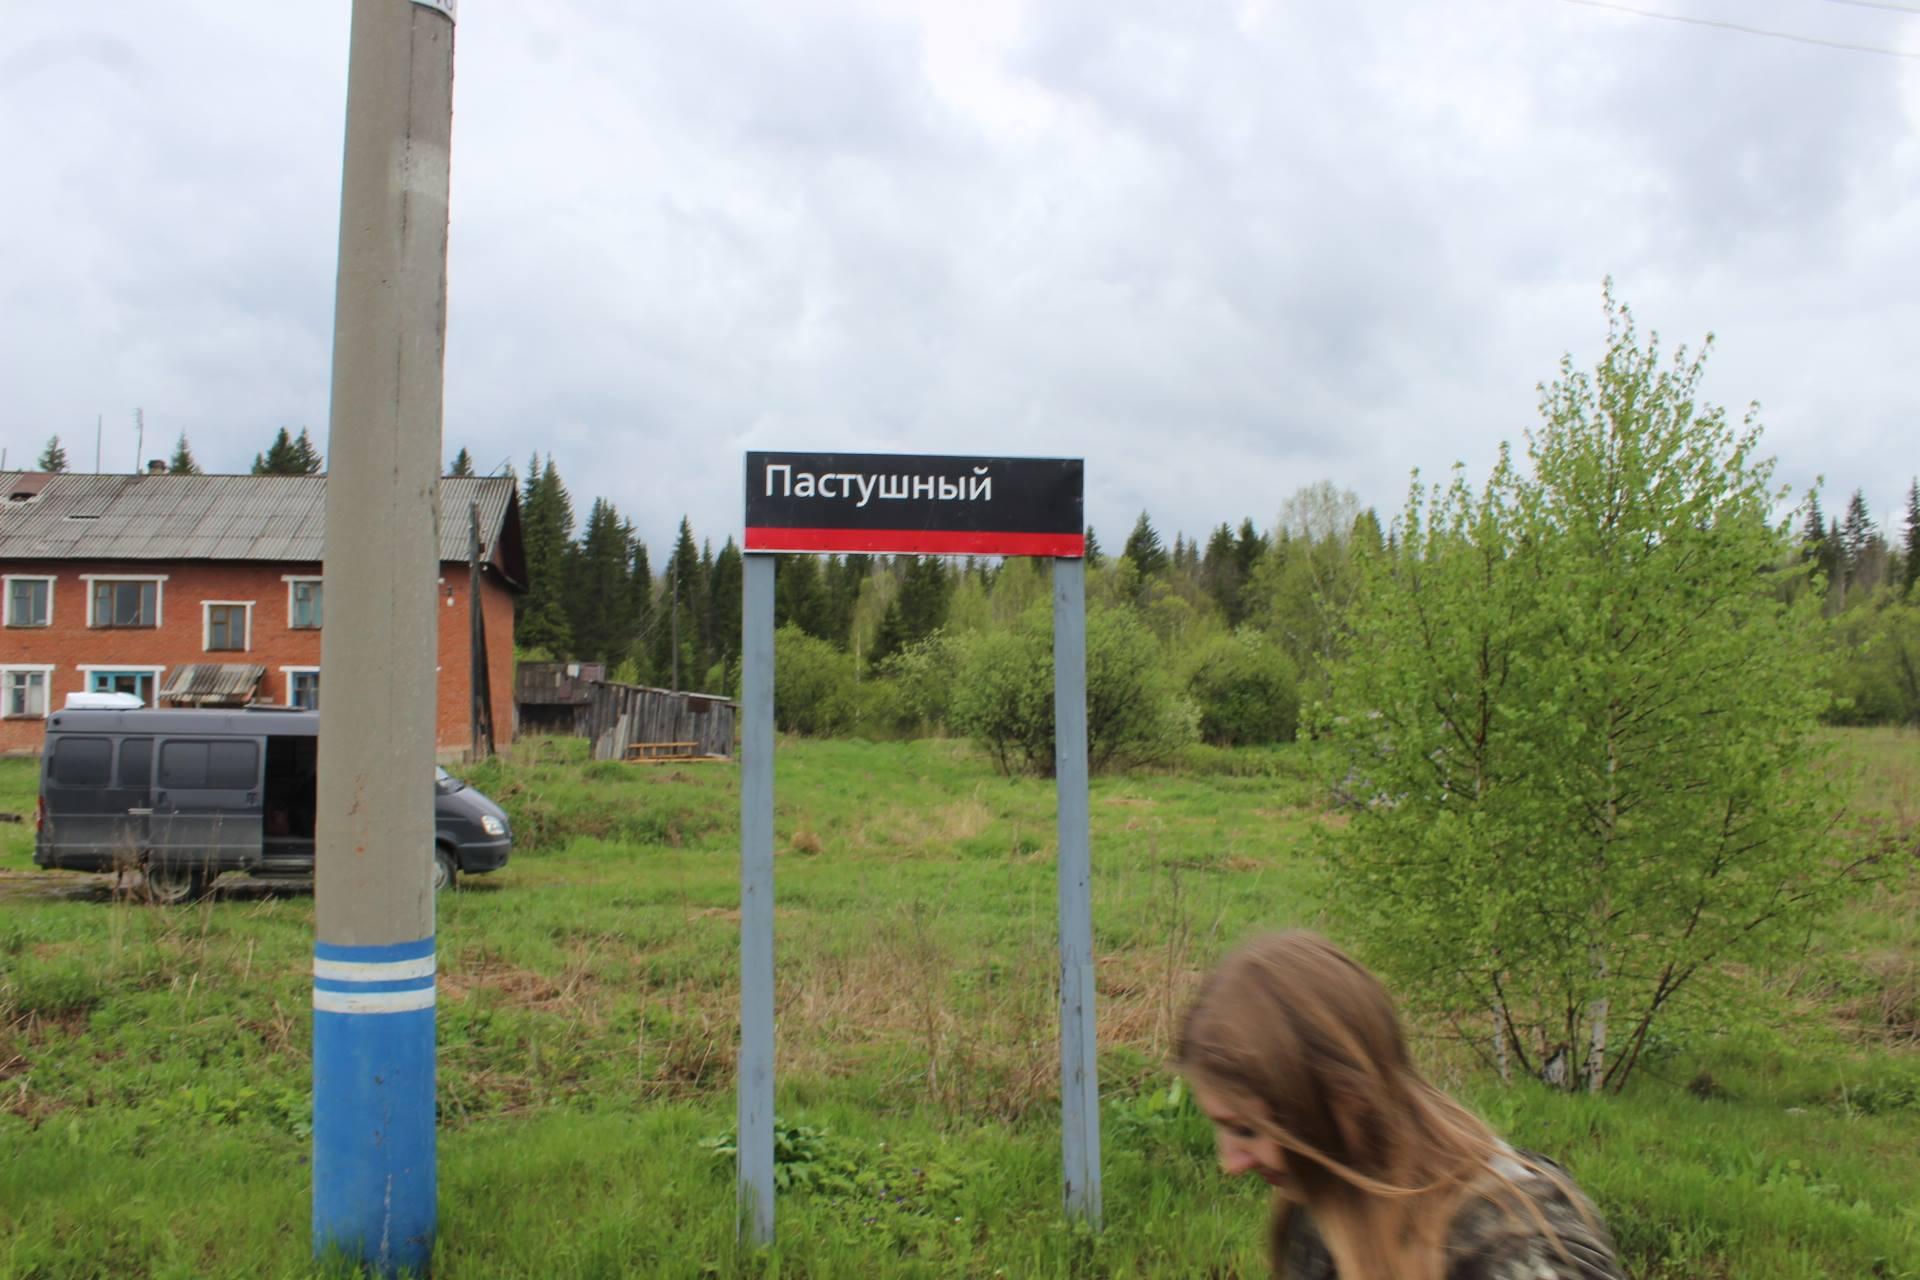 Свердловская область, Шаля, интересное на Урале, куда пойти за черемшой, черемша, Красная книга Свердловской области